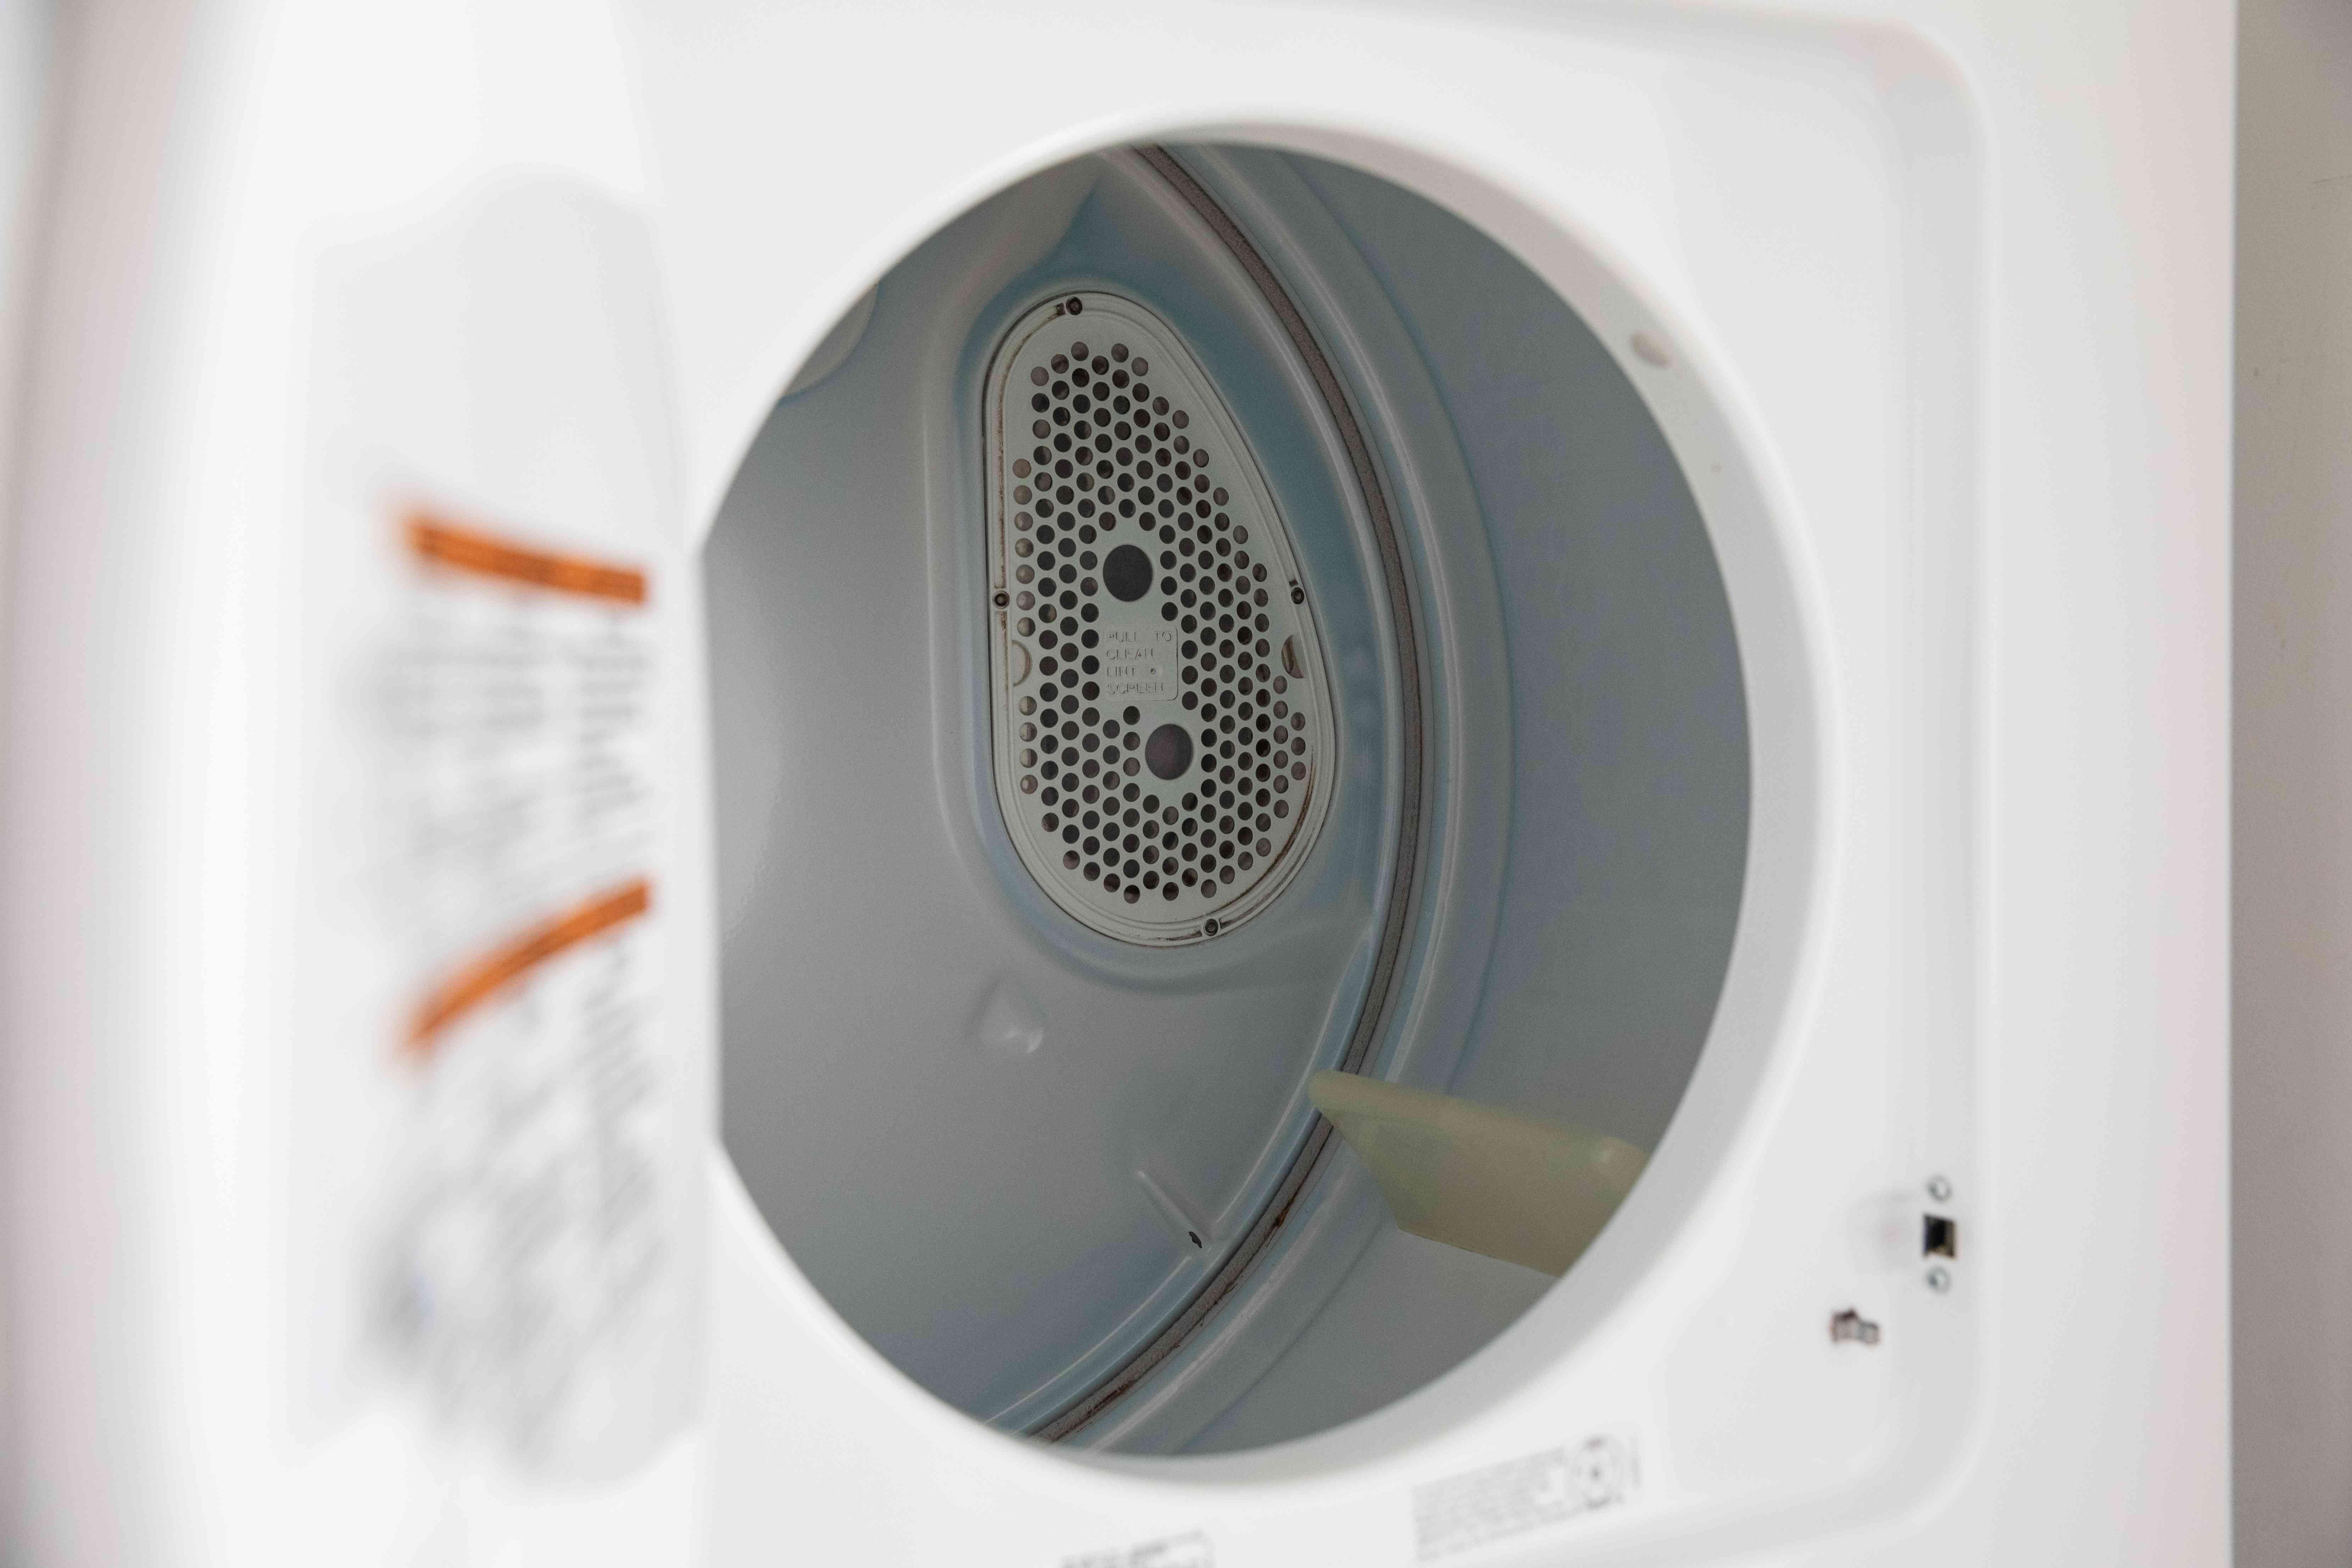 Whirlpool dryer door open revealing drum inside